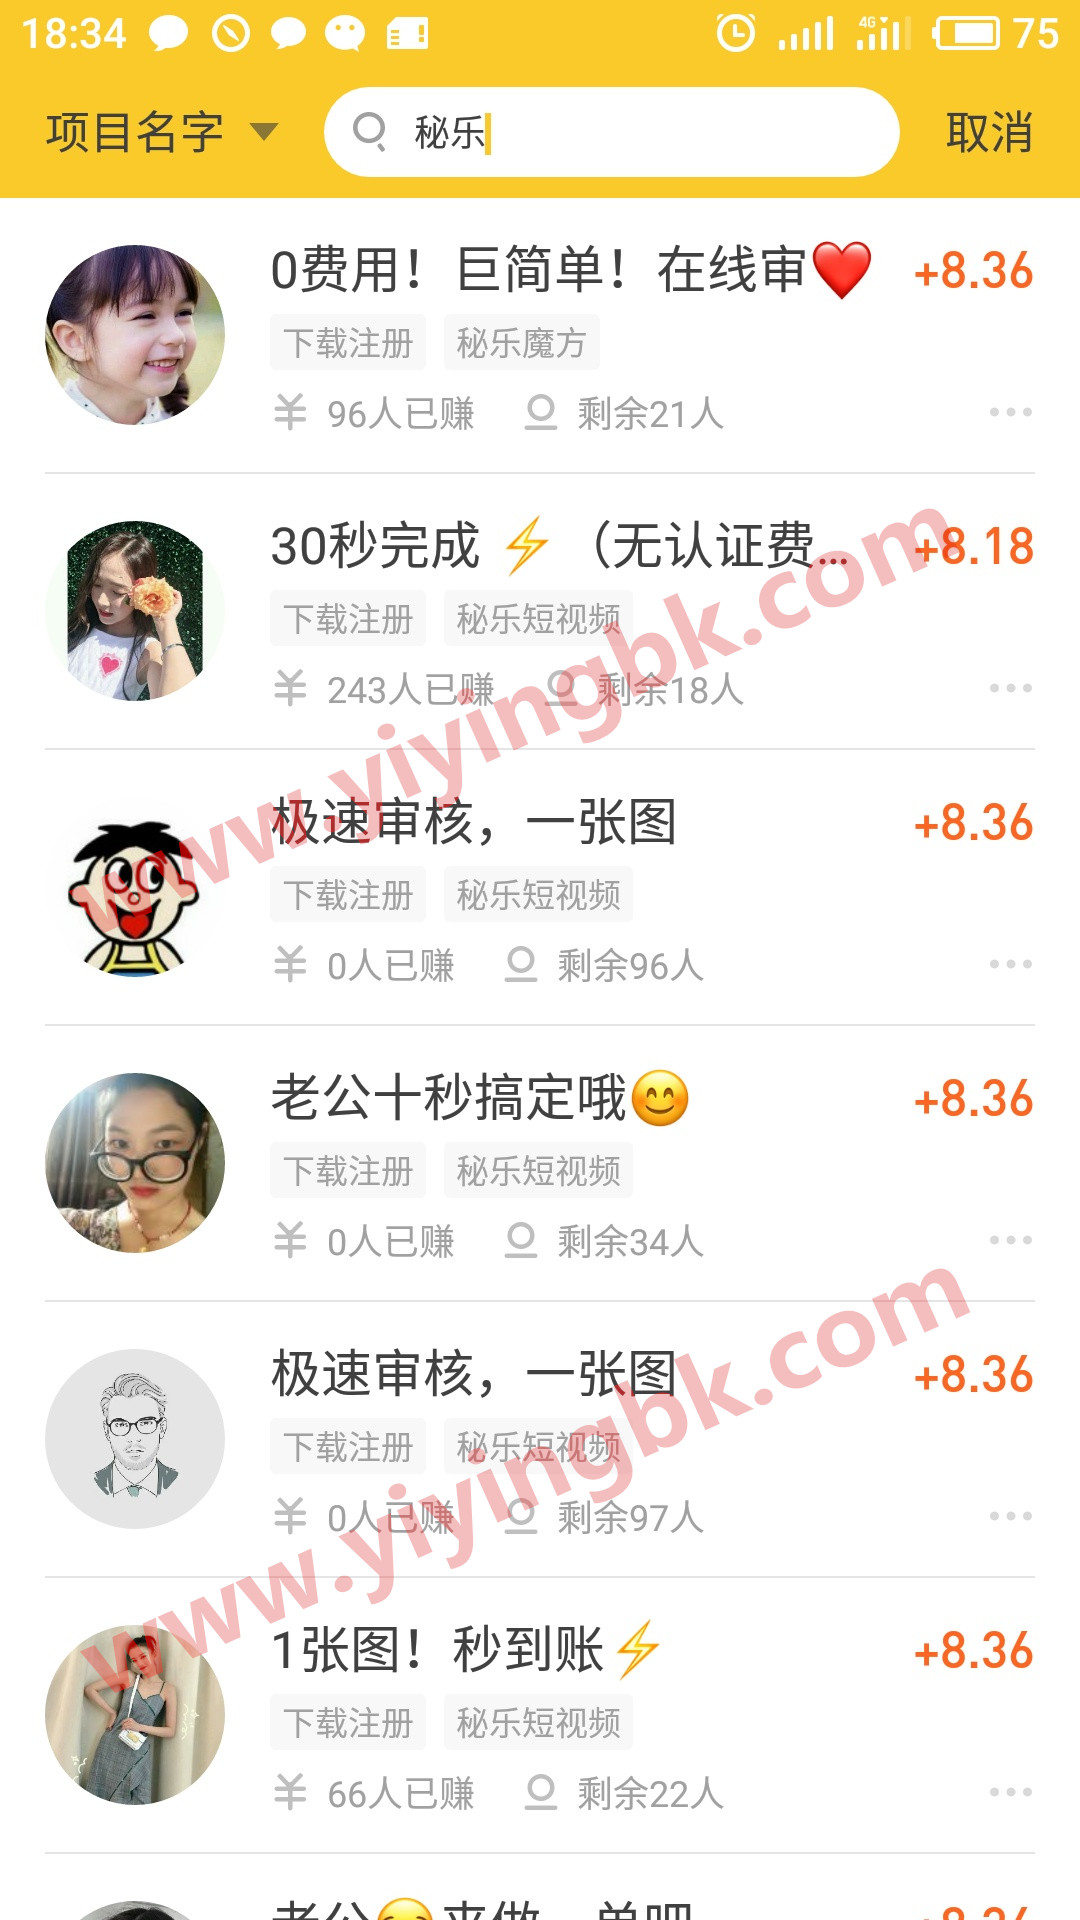 秘乐魔方短视频隐藏的红包,微信和支付宝提现秒到账。www.yiyingbk.com